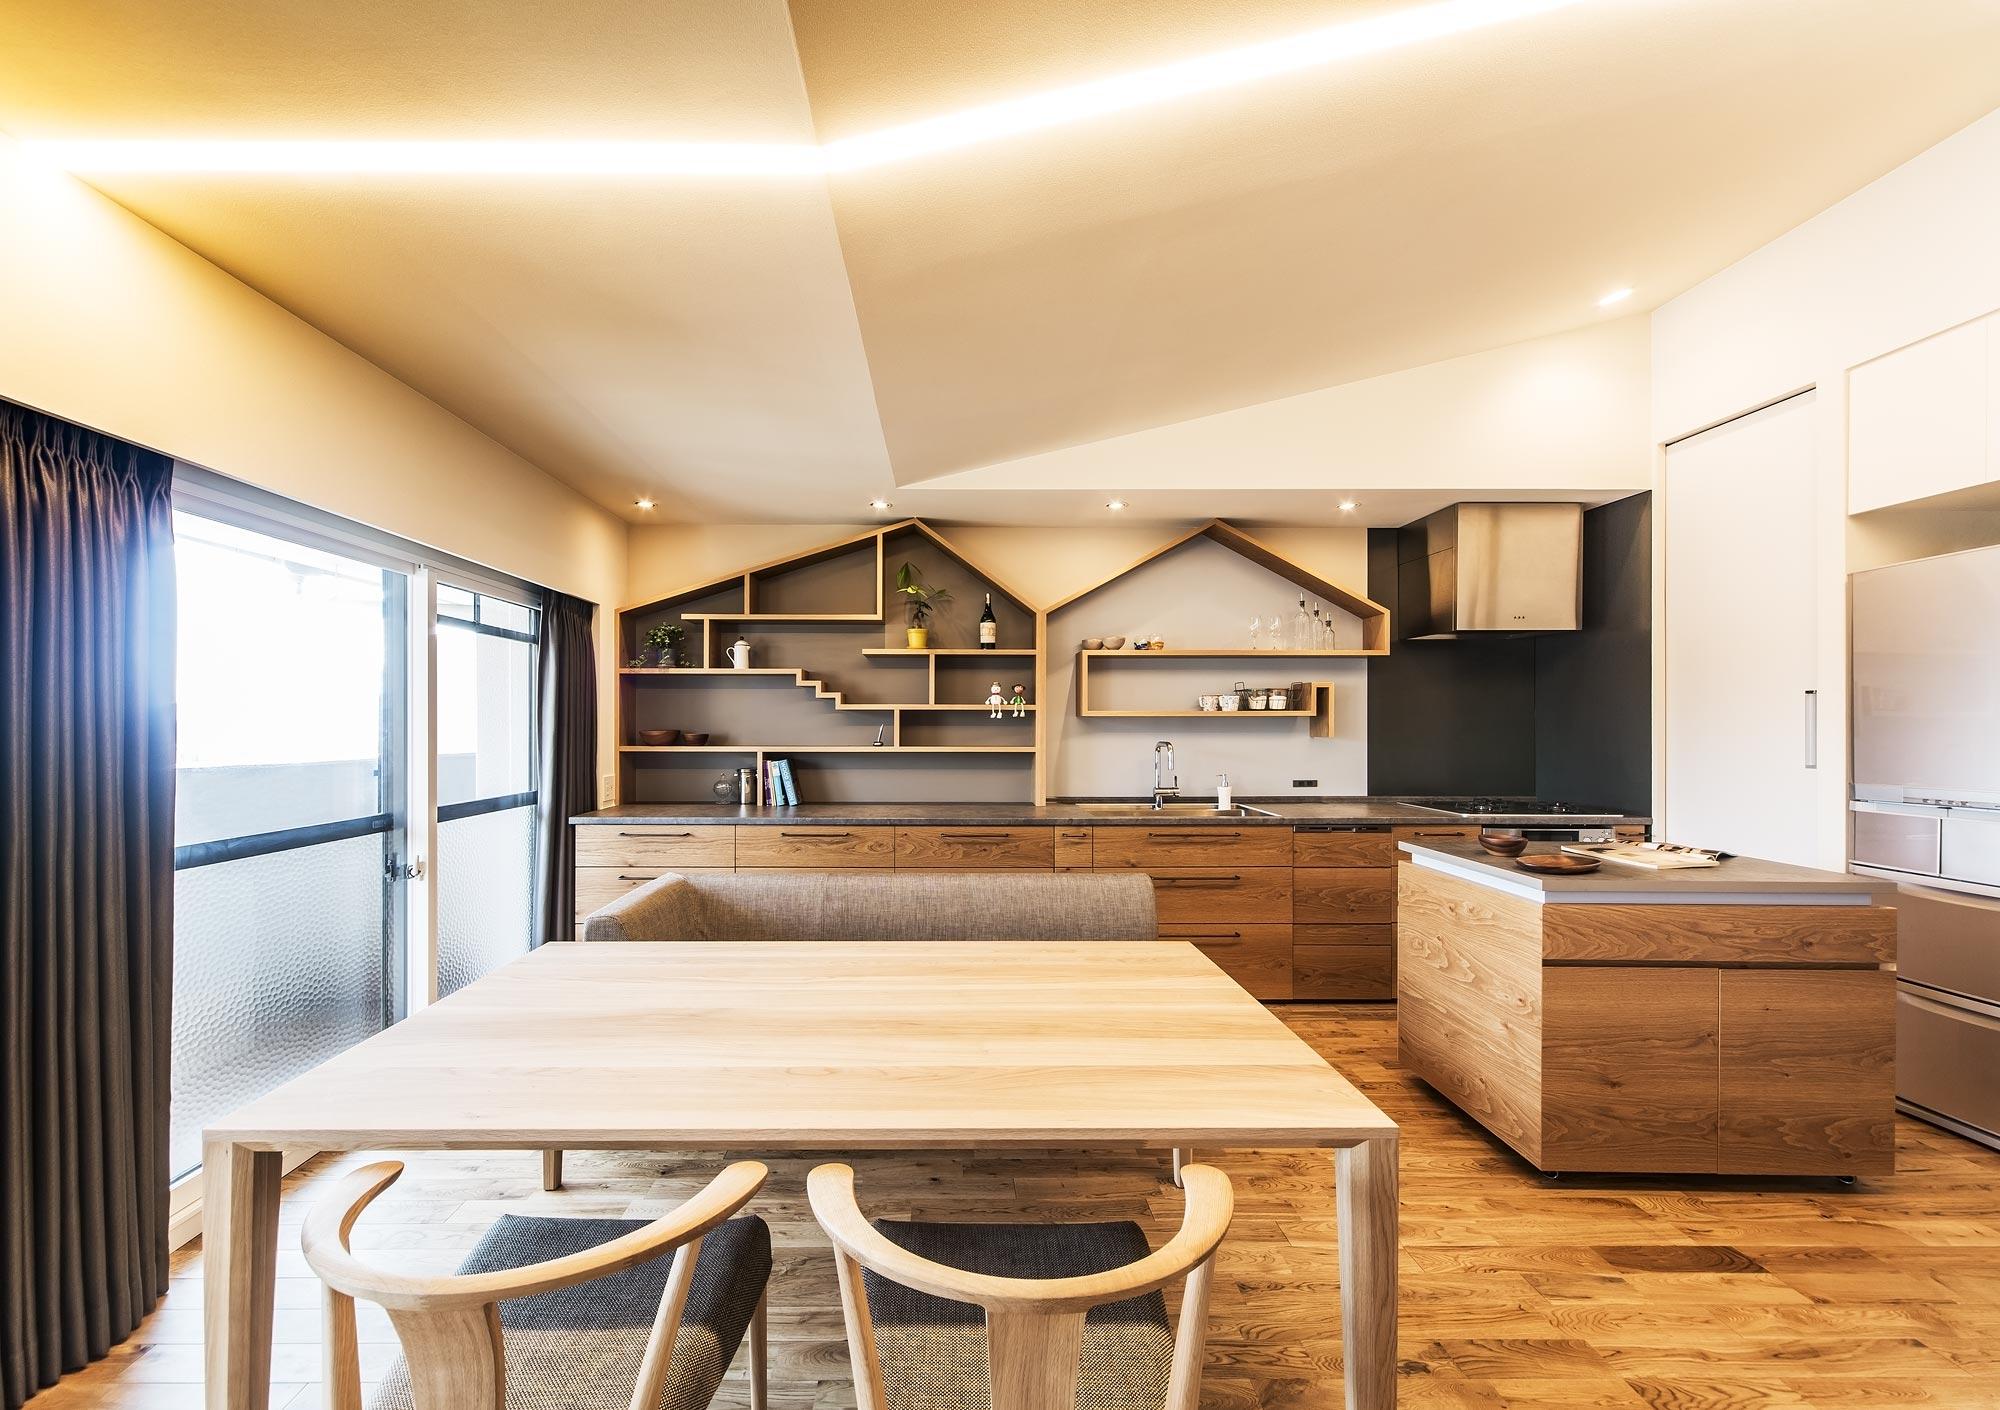 キッチン:共通デザインの移動式ワゴンが空間の使い勝手を拡げます。天井高をあげることができたぶんだけ、右手にみえる収納も高くつくることができ、収納量がふえました